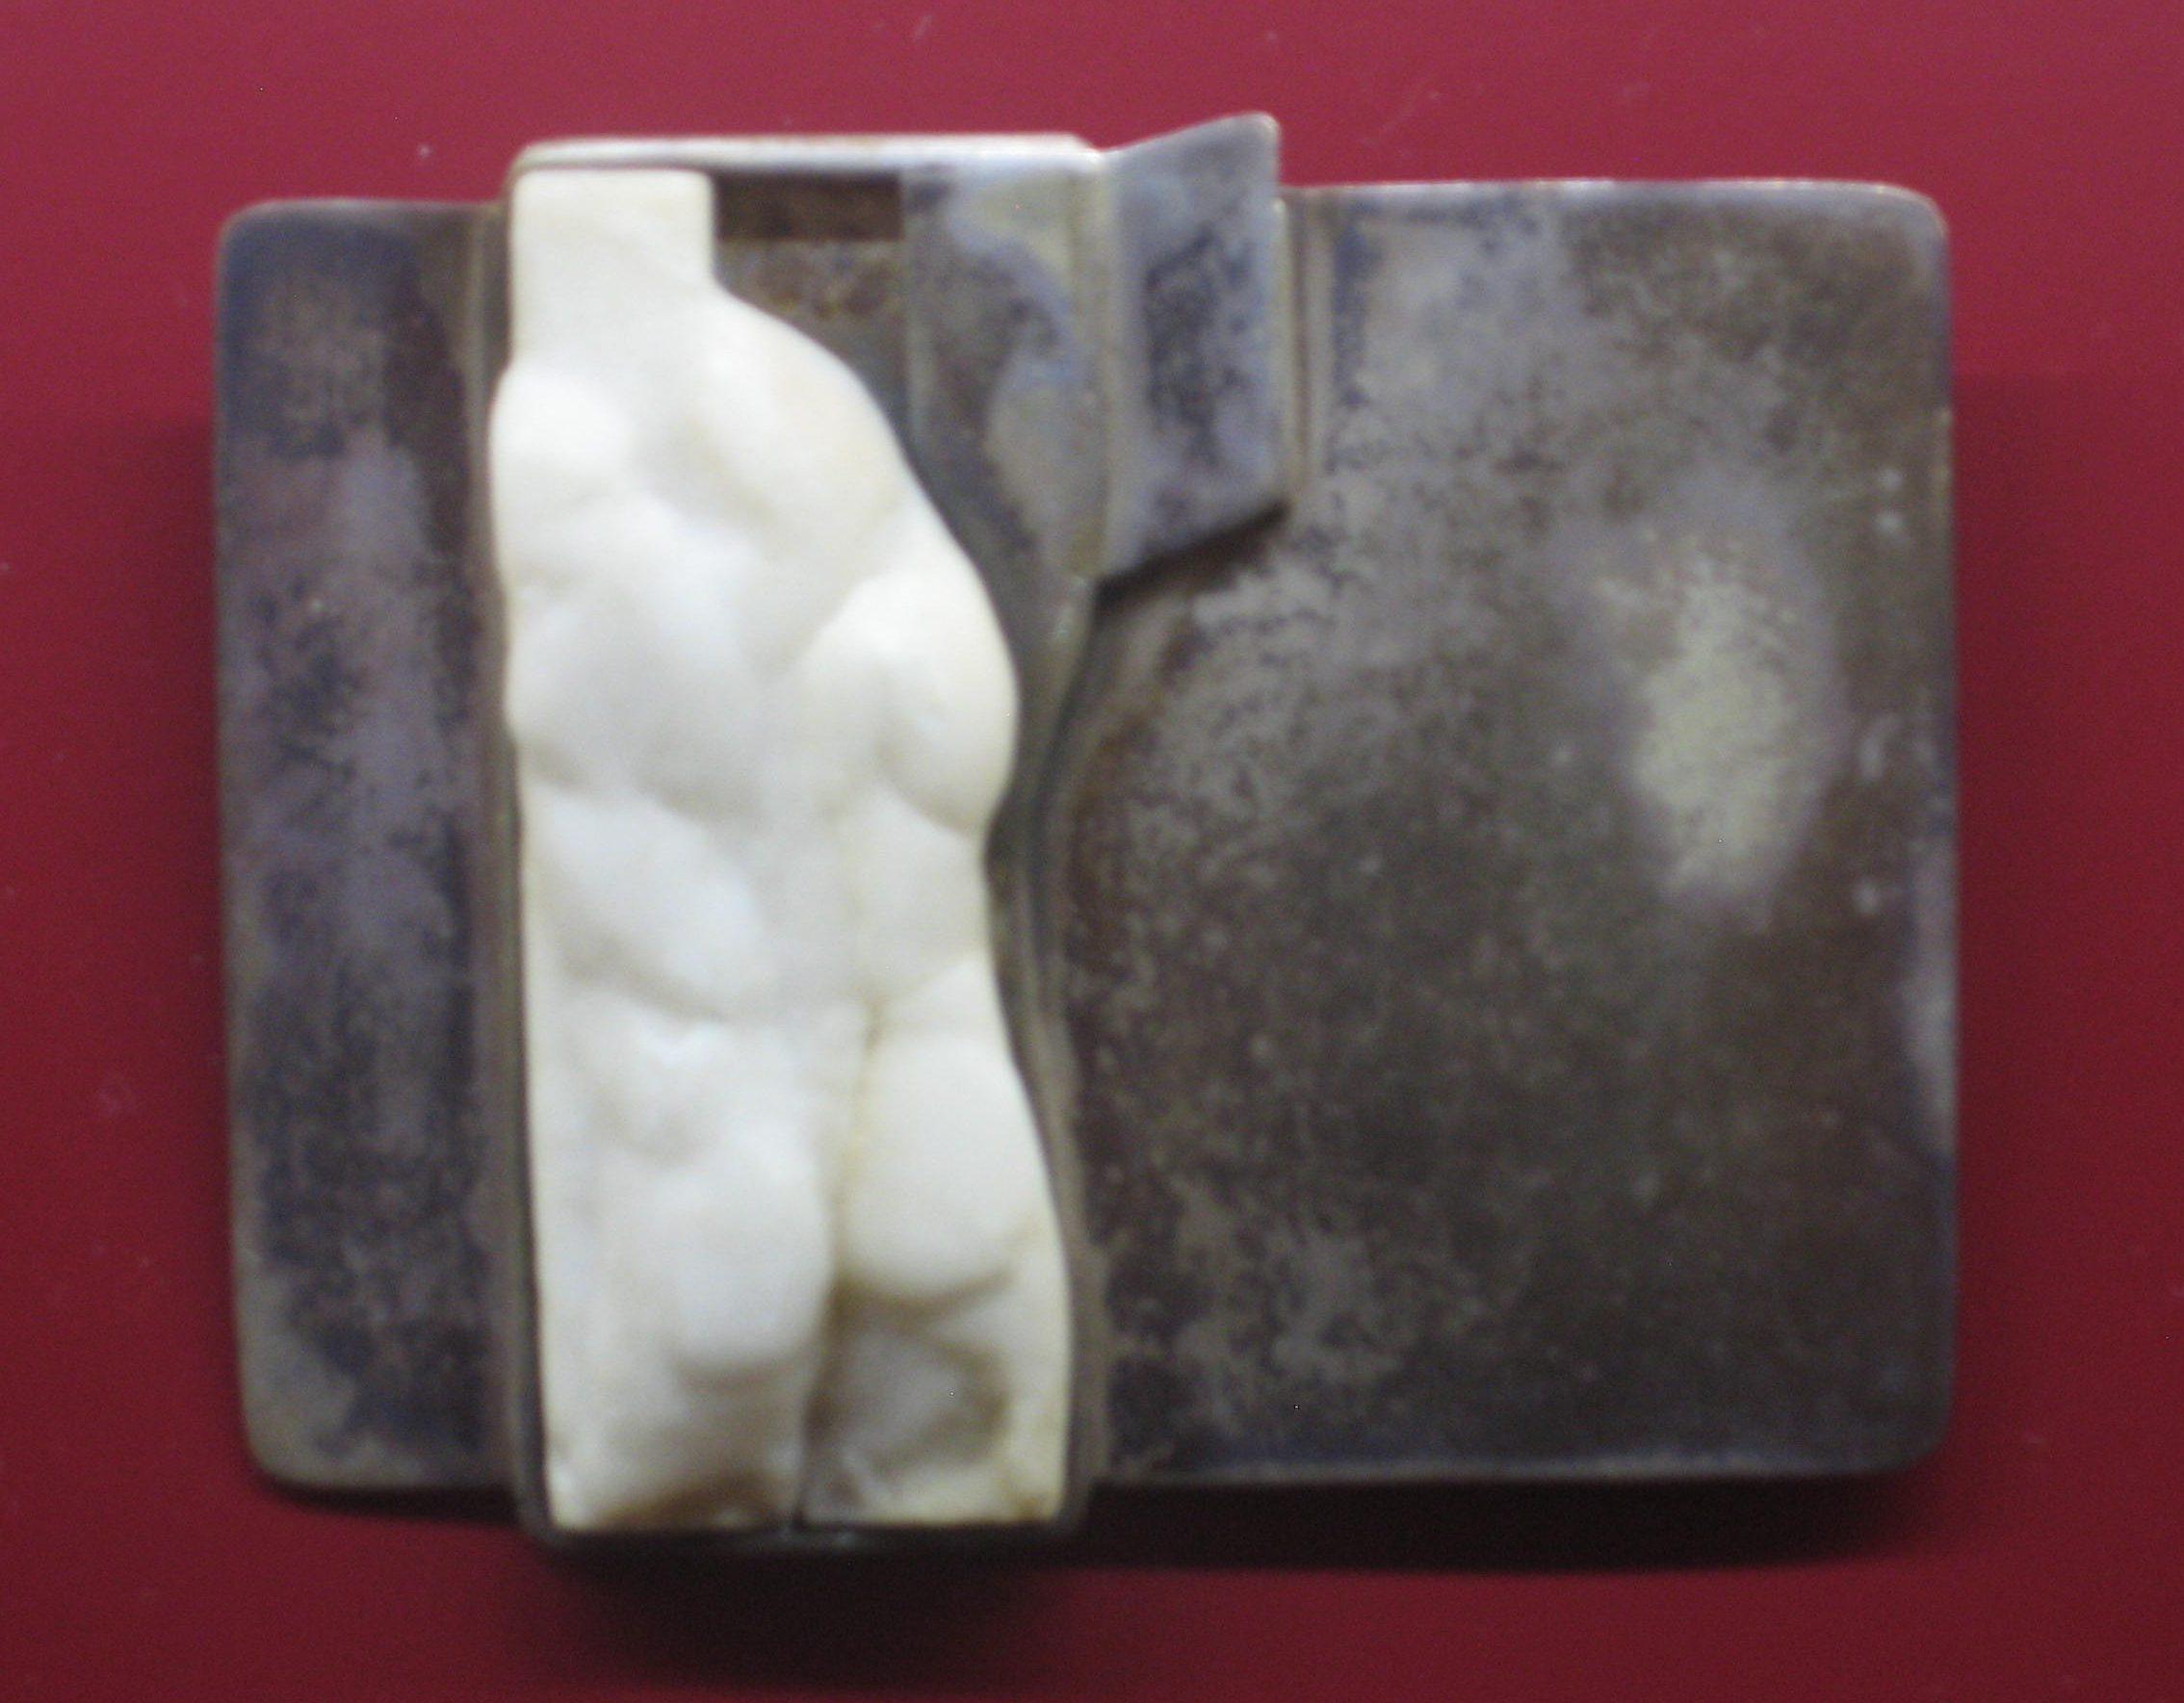 Gabriele Putz, Aufstehen, broche, 1983. Collectie Angermuseum, S 6-92 c. Foto Esther Doornbusch, mei 2018, CC BY 4.0